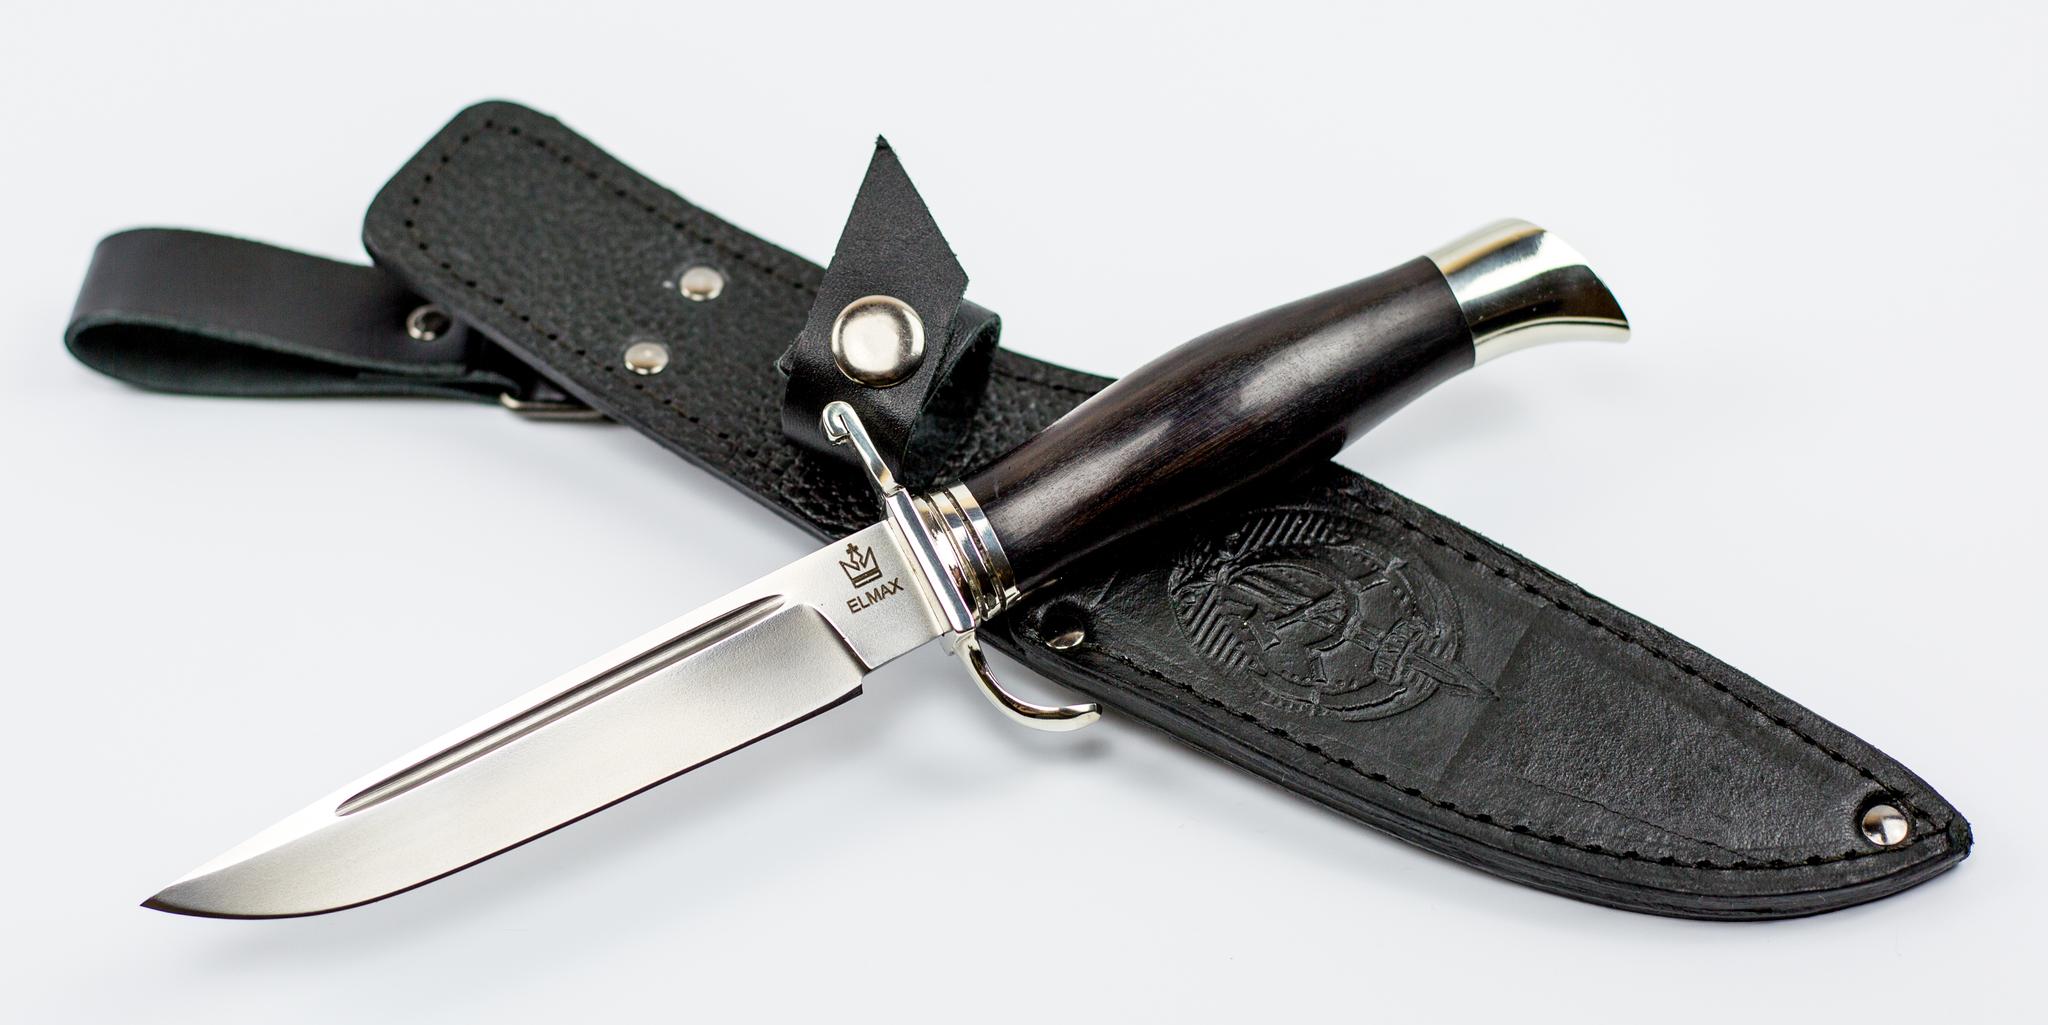 Фото 9 - Нож Финка НКВД, сталь ELMAX, граб, мельхиор от Мастерская Князева